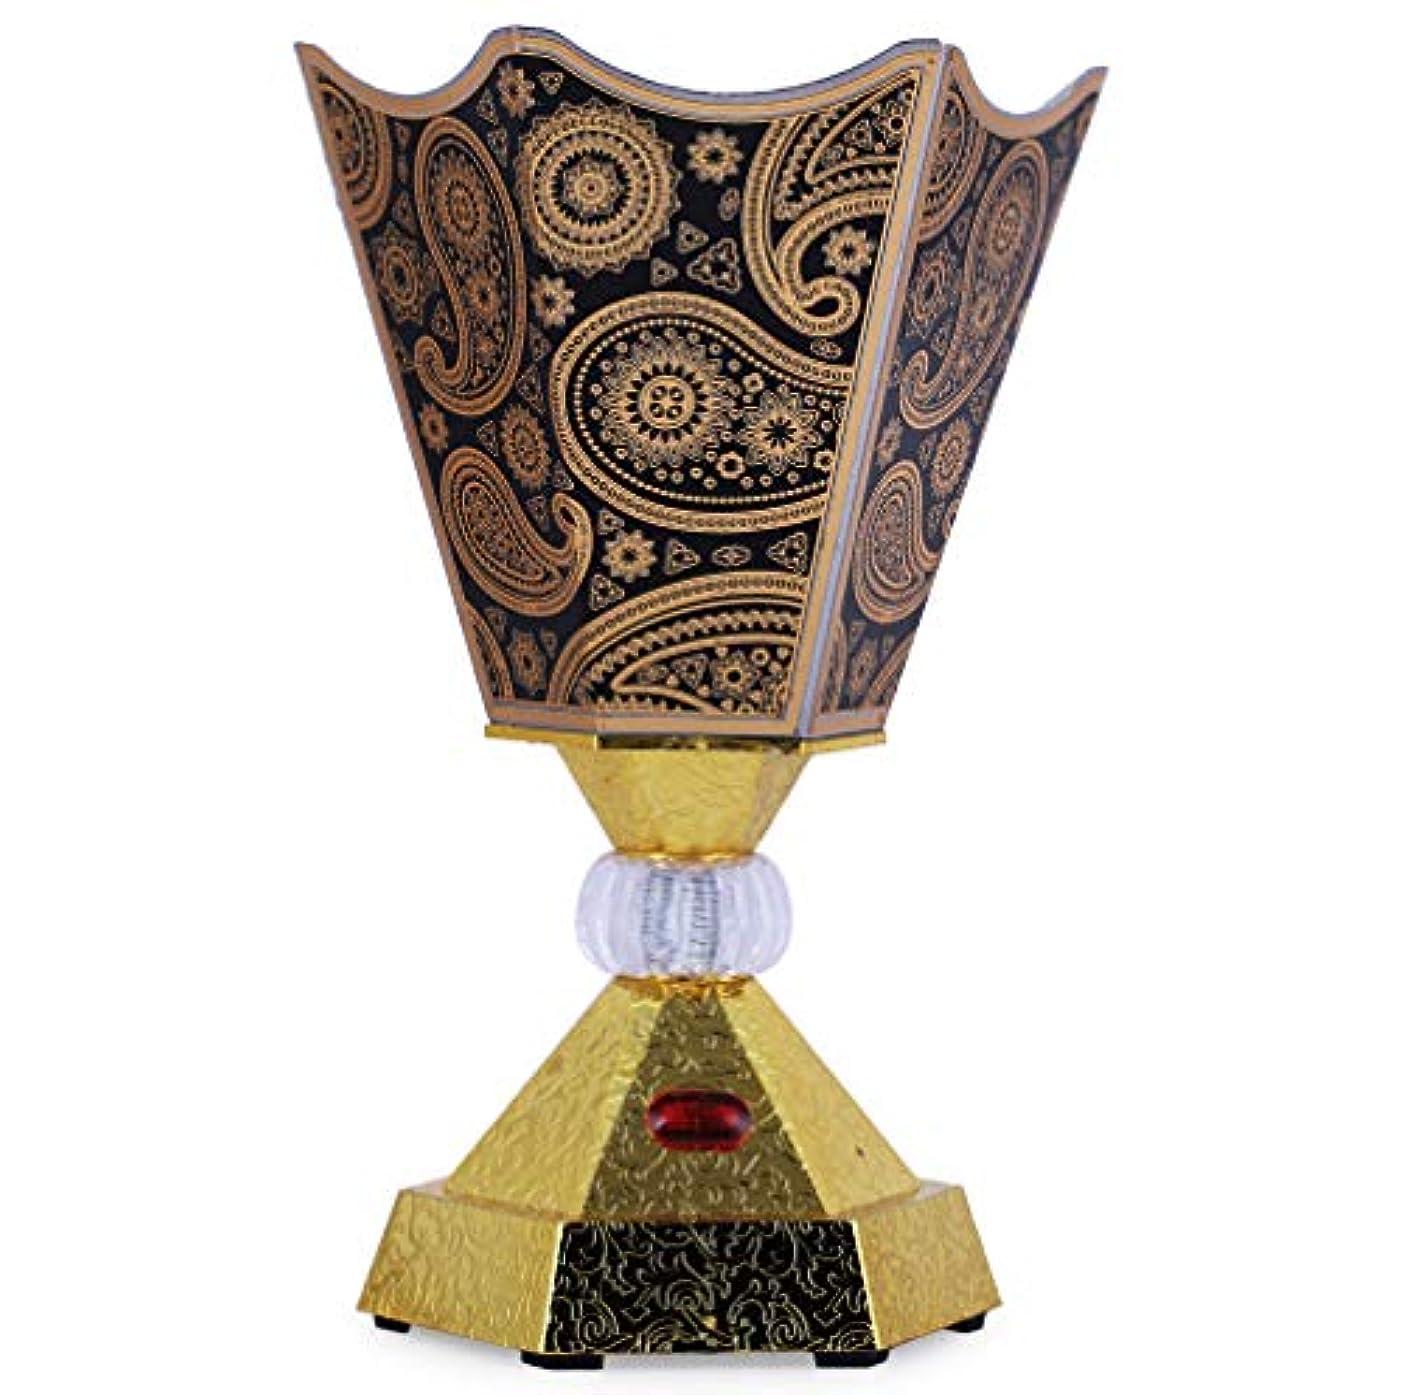 メモ芸術的ハントVintage Style Incense Bakhoor/Oud Burner Frankincense Incense Holder Electric, Best for Gifting IB-31-Black